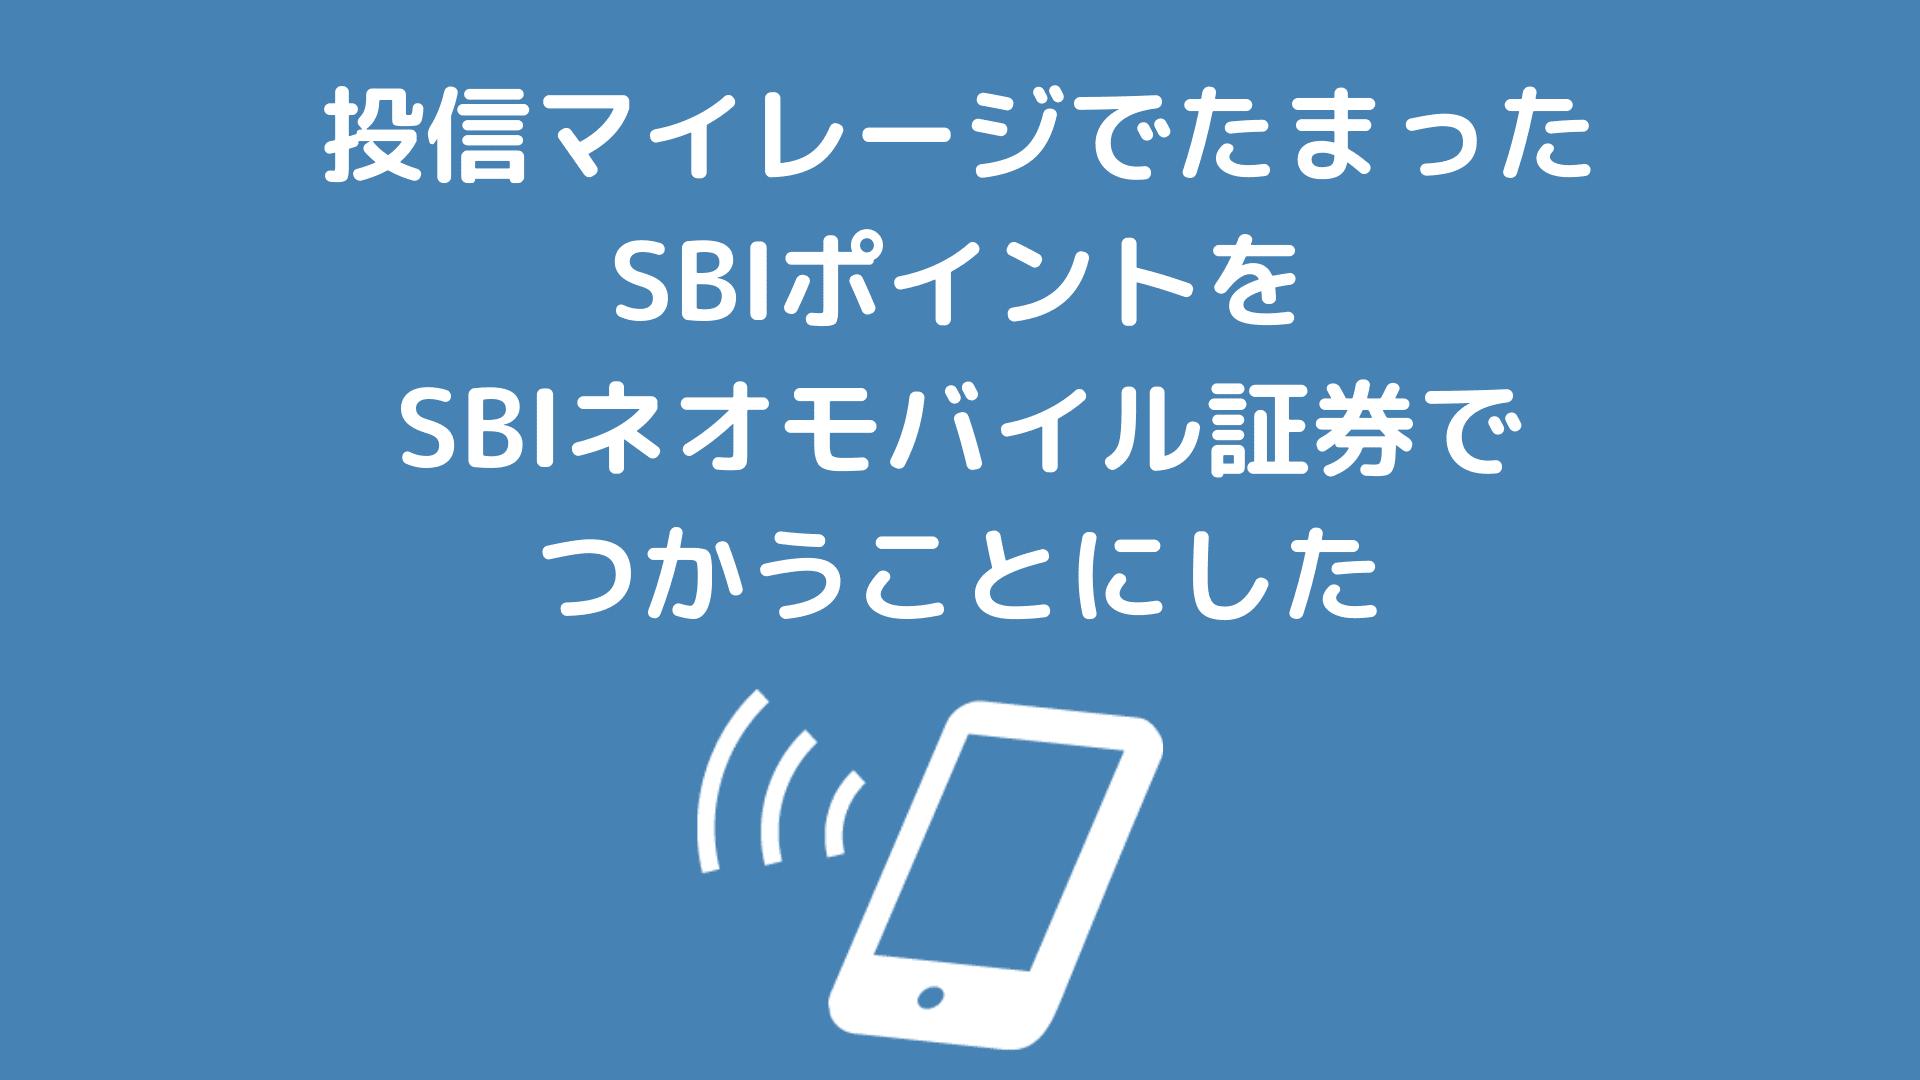 投信マイレージでたまったSBIポイントをSBIネオモバイル証券でつかうことにした